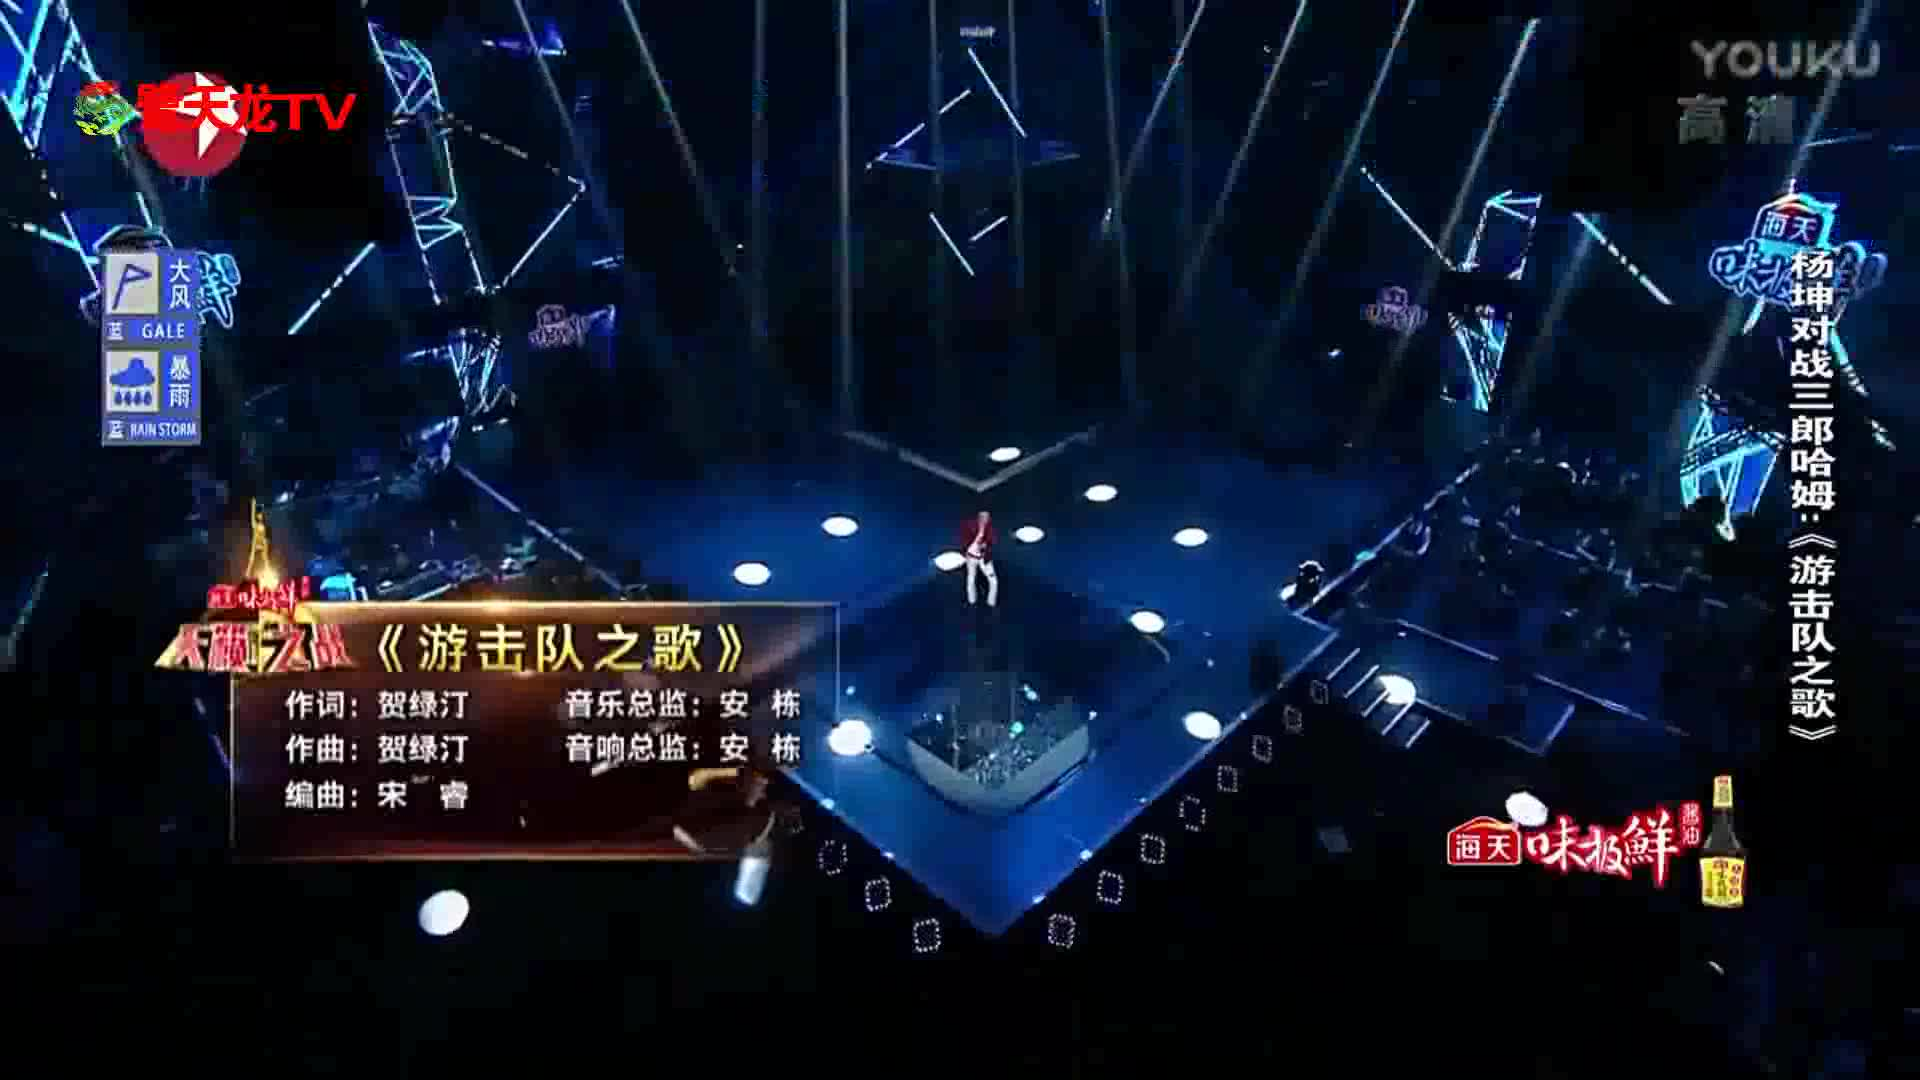 天籁之战第二季-杨坤《游击队之歌》纯享版